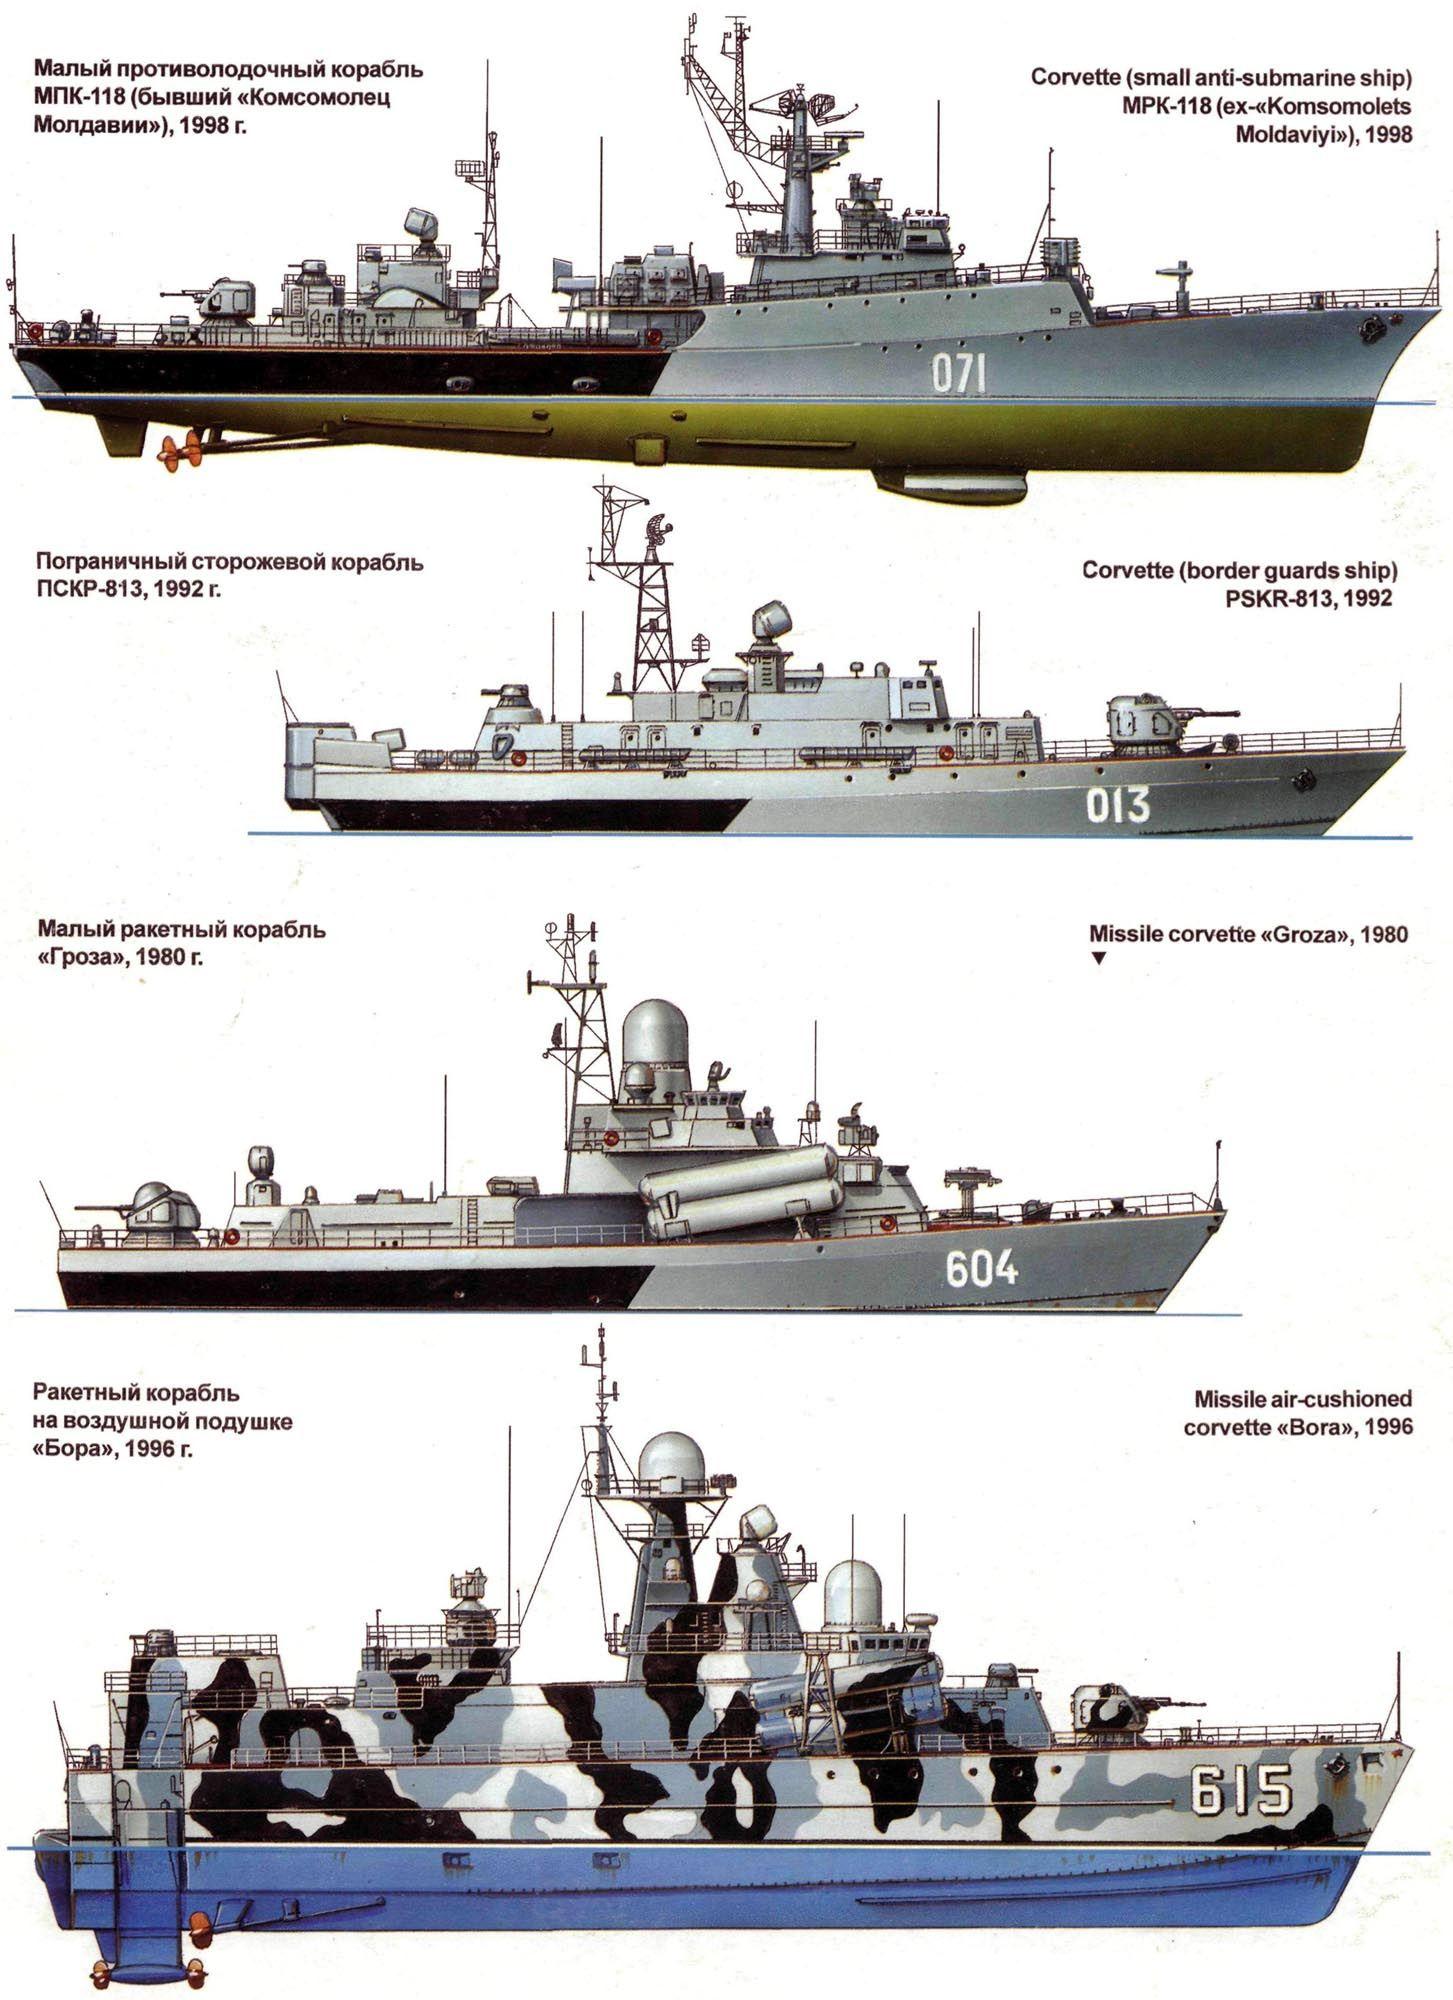 Corbetas 19801998, Rusia